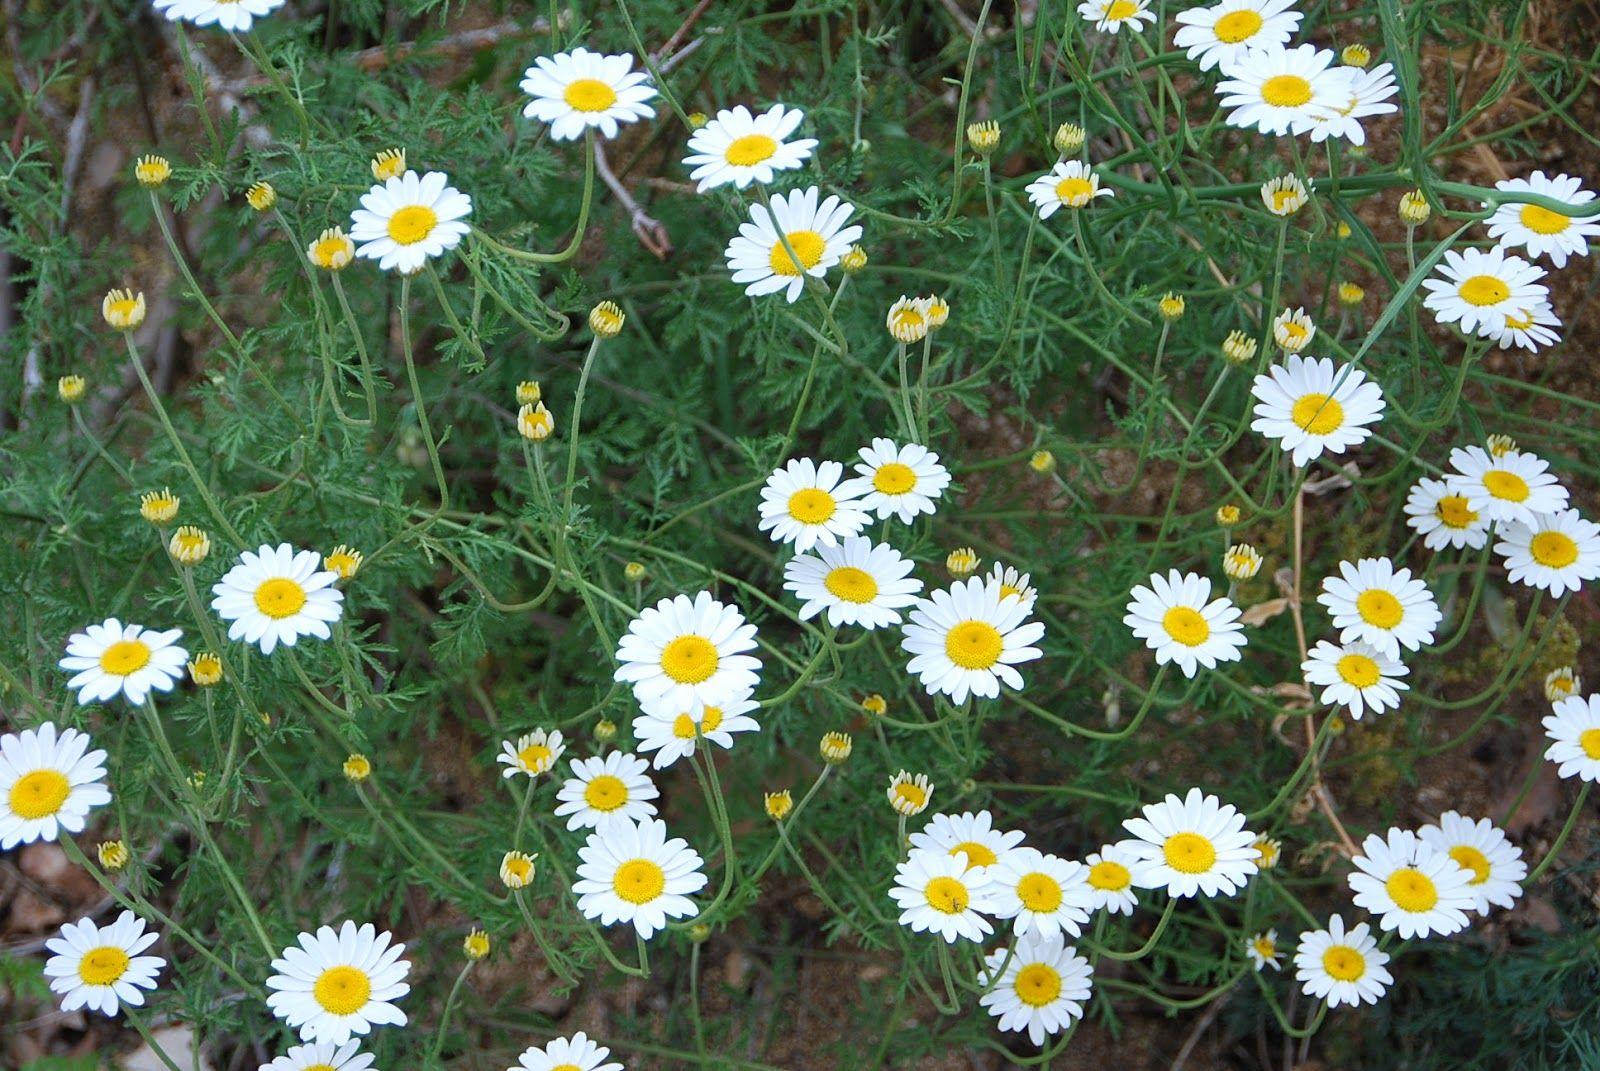 Margaritas De Colores En La Hierba 30995: Fotos De Flores 2: MARGARITAS DE VARIOS COLORES